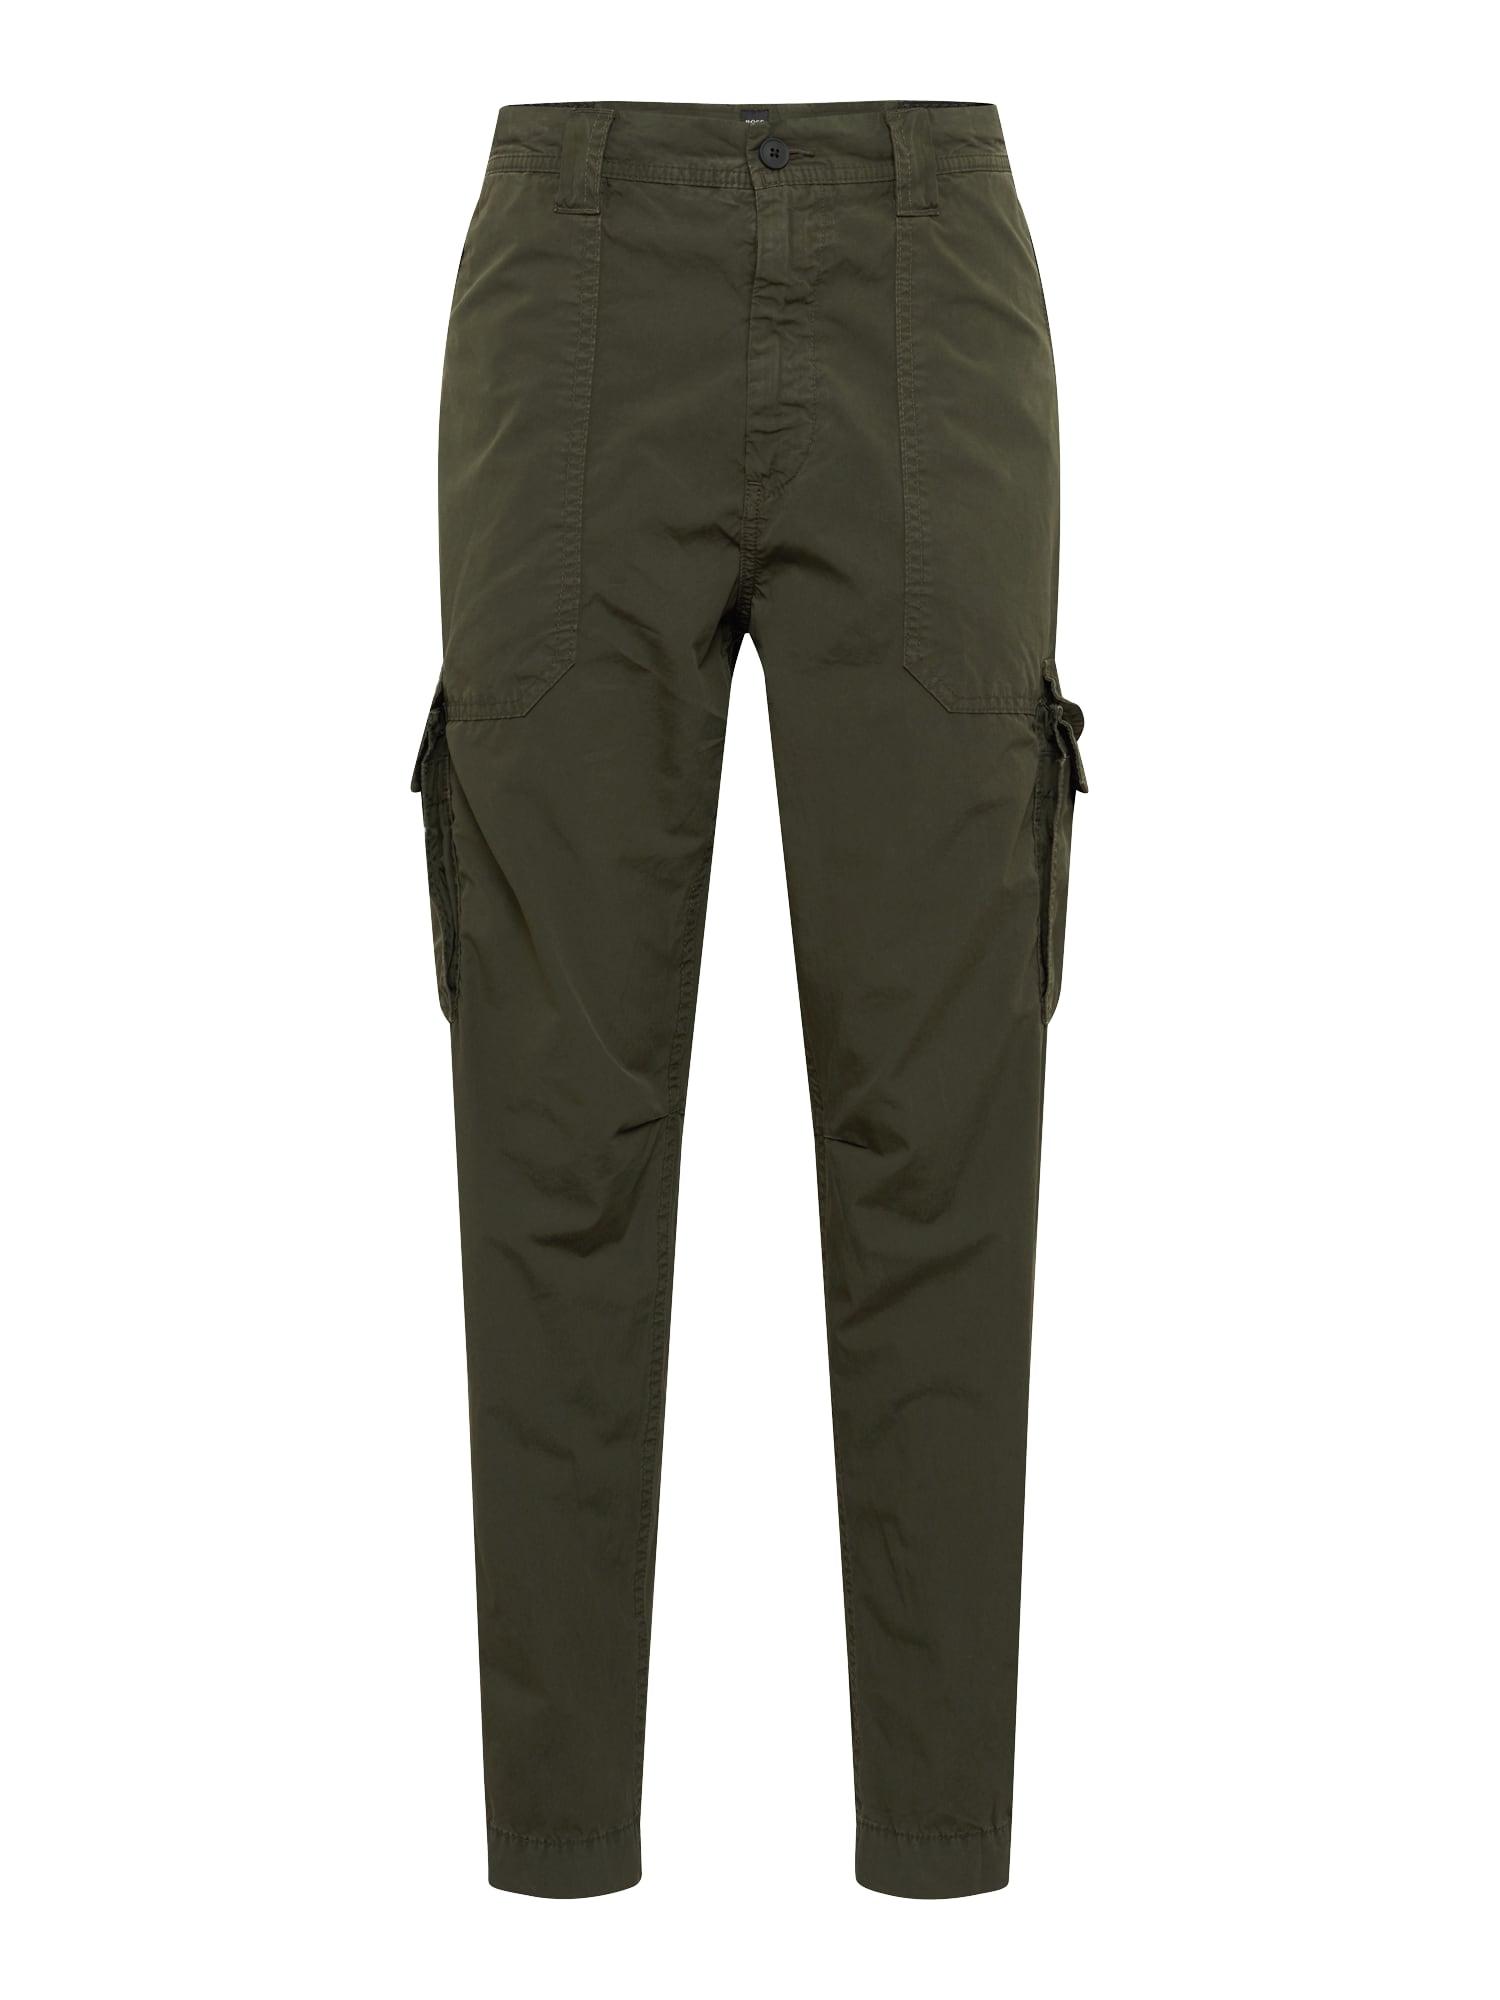 Chino kalhoty Sargo tmavě zelená BOSS